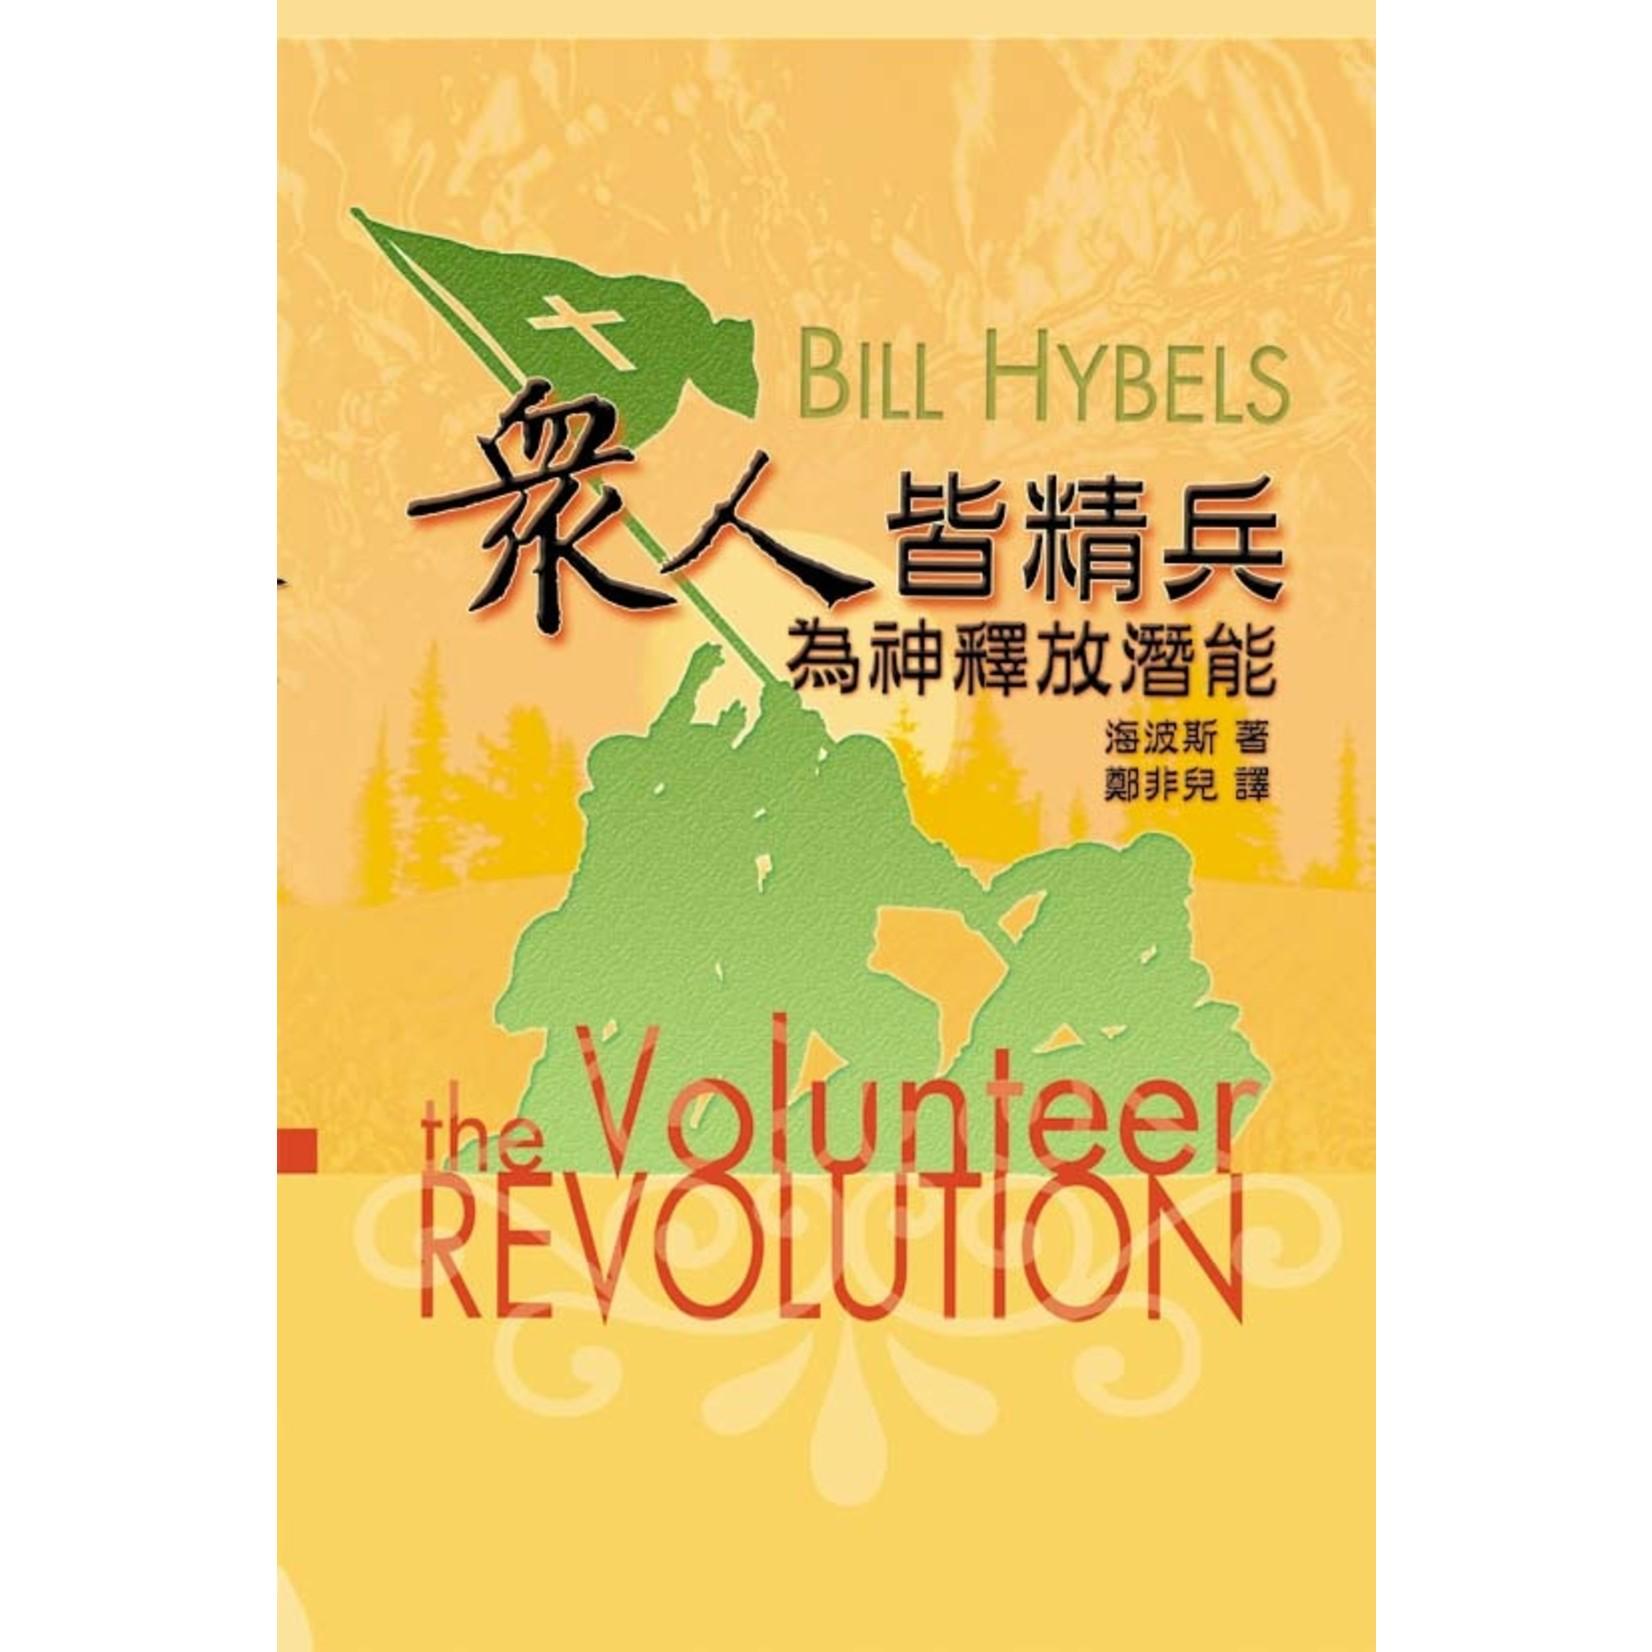 天道書樓 Tien Dao Publishing House 眾人皆精兵:為身釋放潛能 The Volunteer Revolution